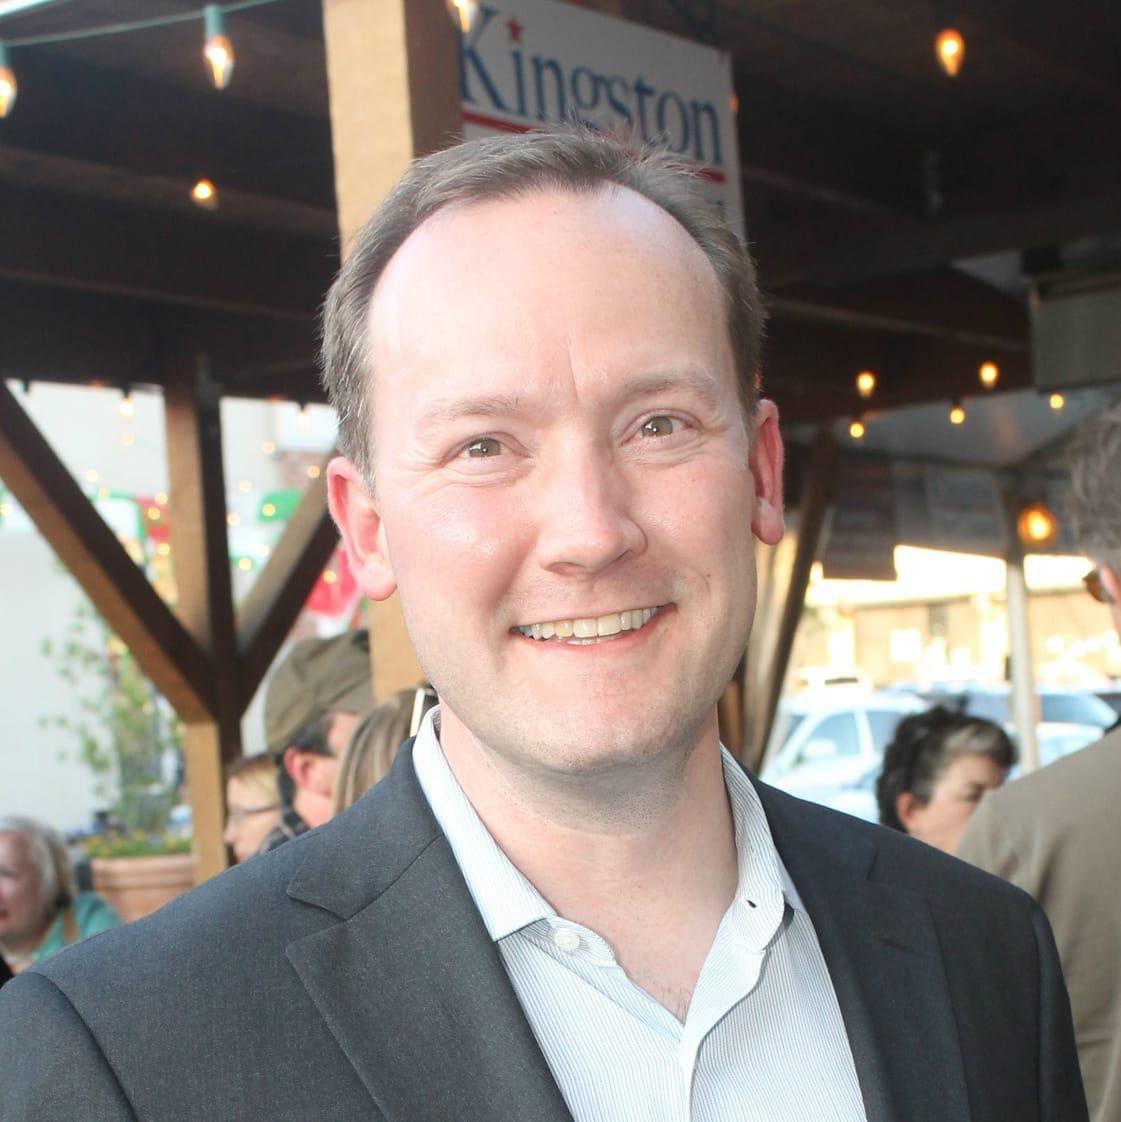 Dallas City Council member Philip Kingston